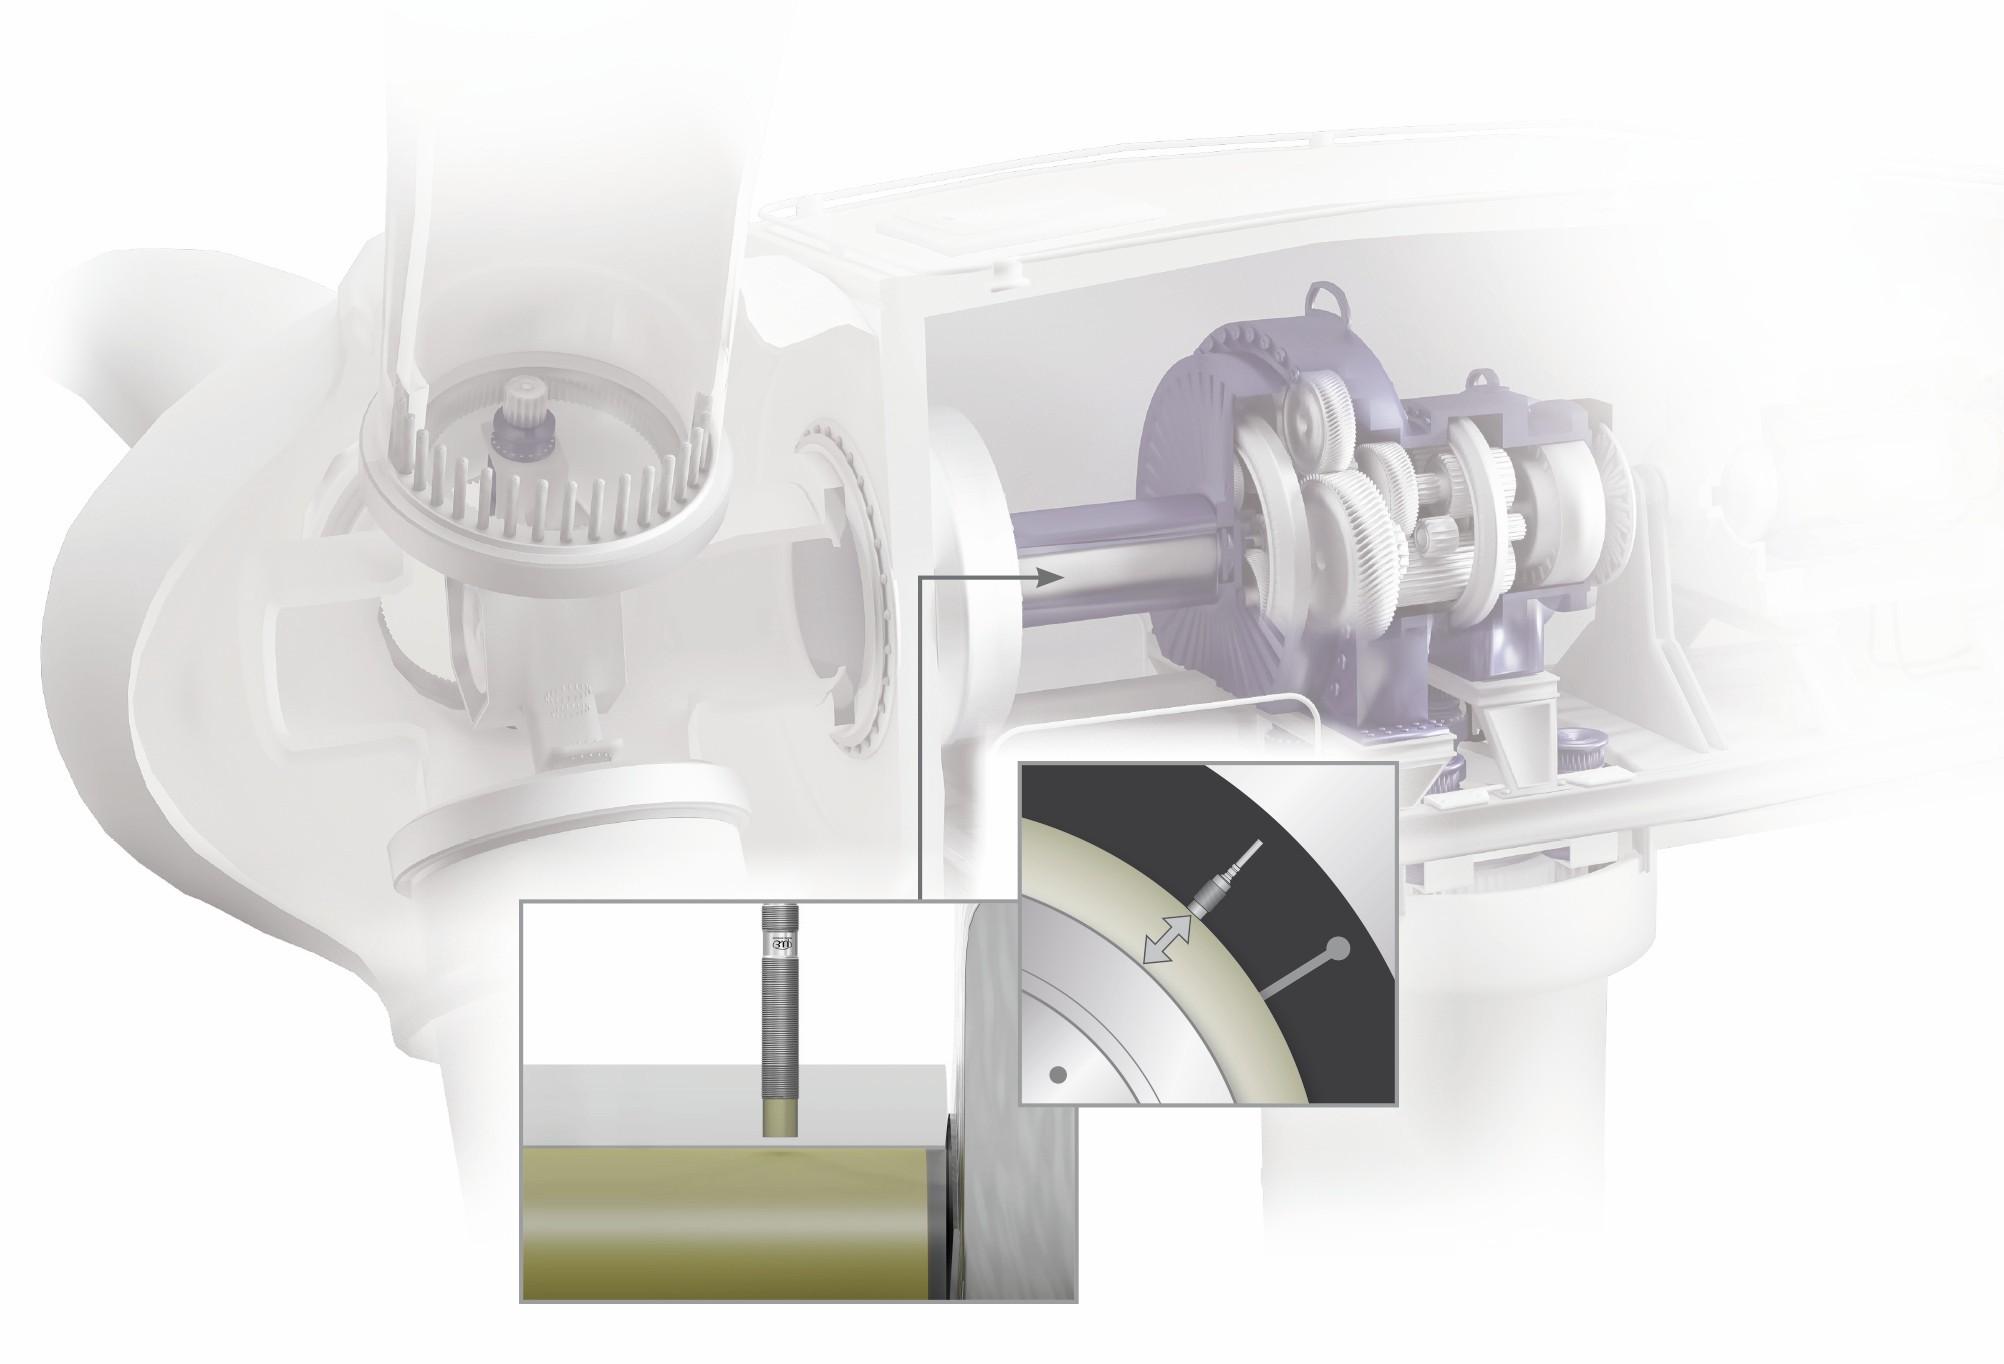 """Bild 7: Typische Anwendungen für die """"eddyNCDT""""- Sensoren finden sich in Windenergieanlagen. Dort wird unter anderem der Ölspalt zwischen Lager und Welle überwacht. Bild: Micro-Epsilon"""